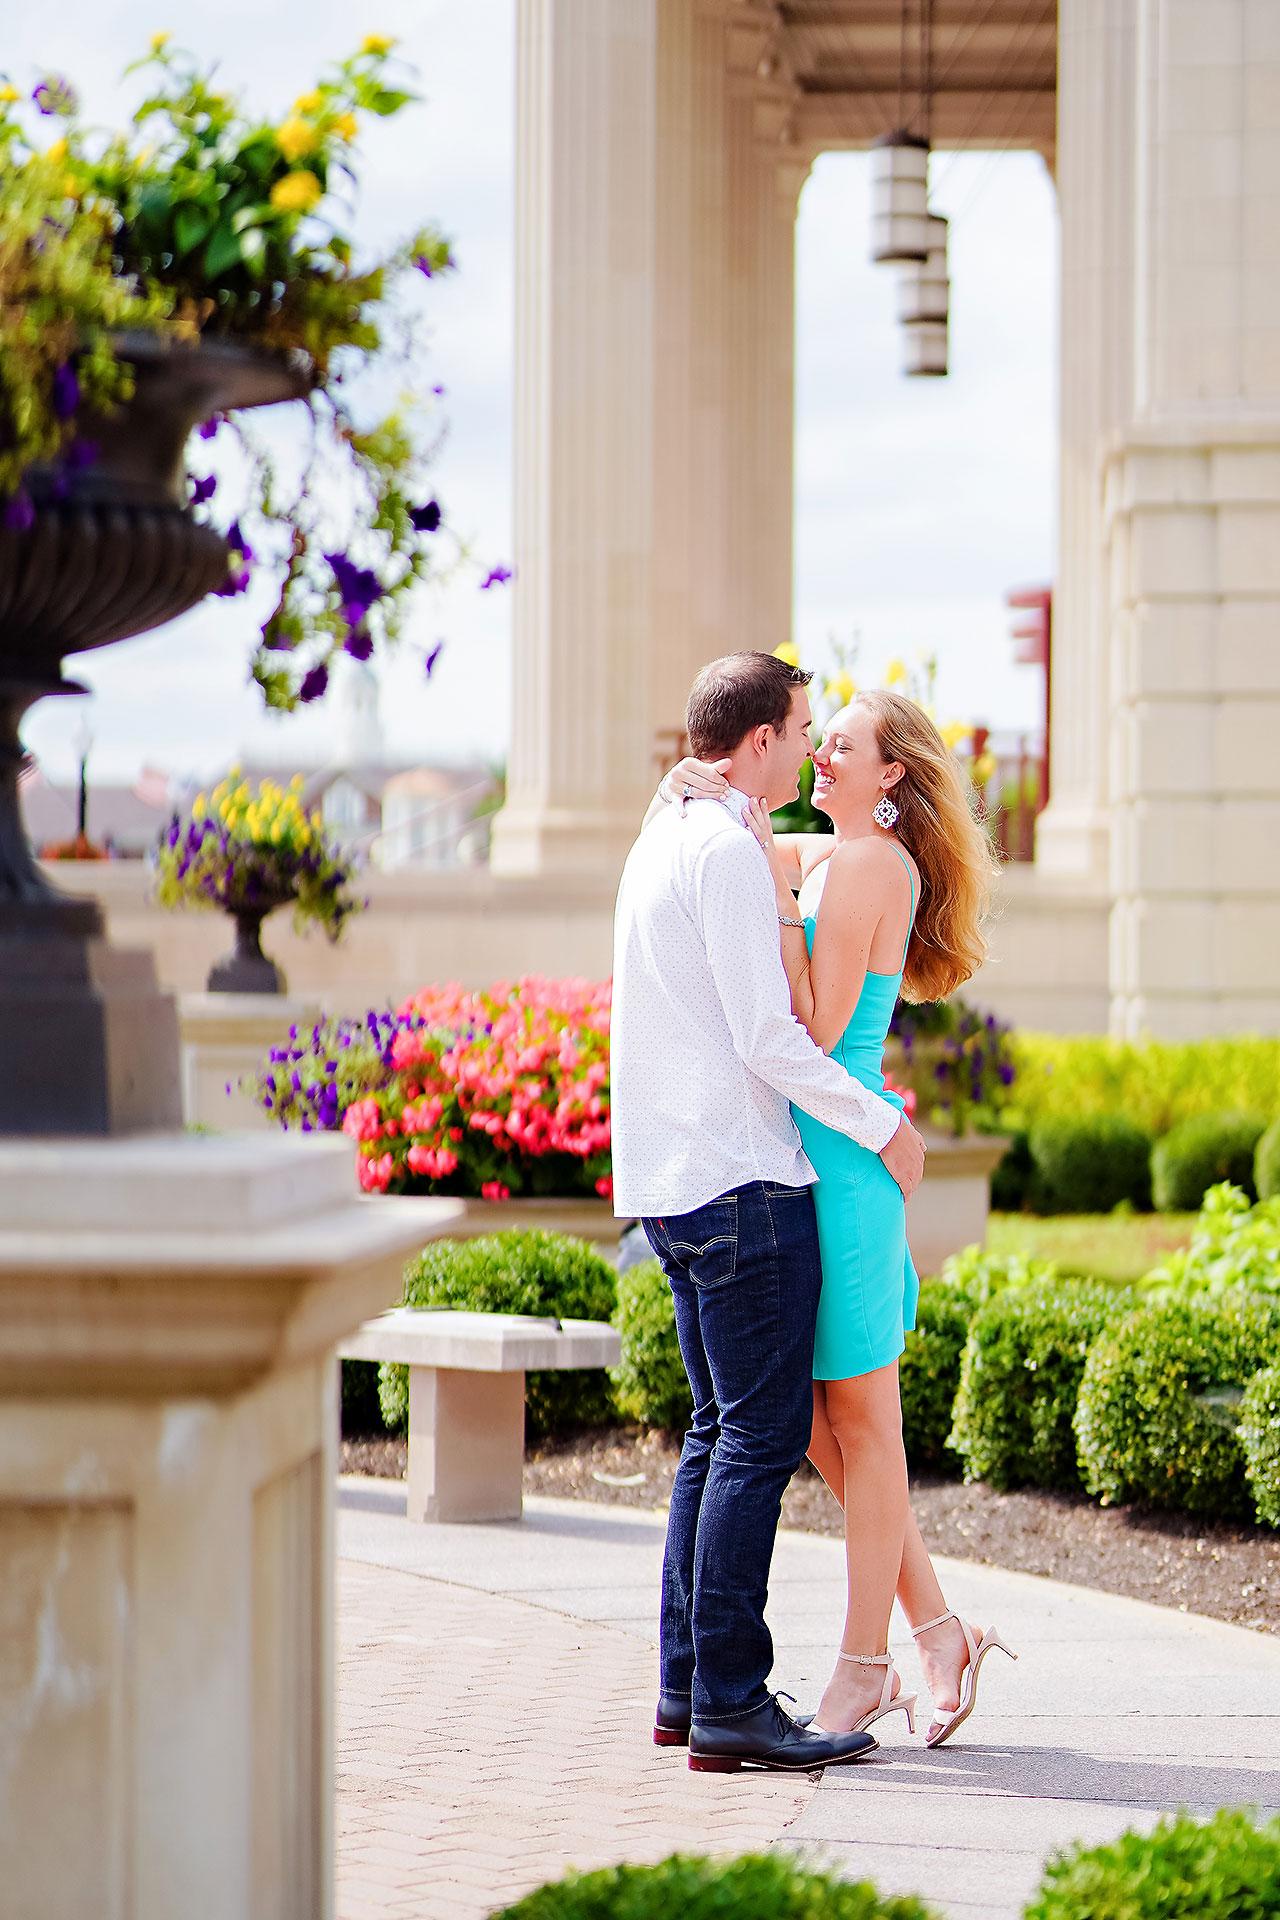 Liz Zach Midtown Carmel Engagement Session 083